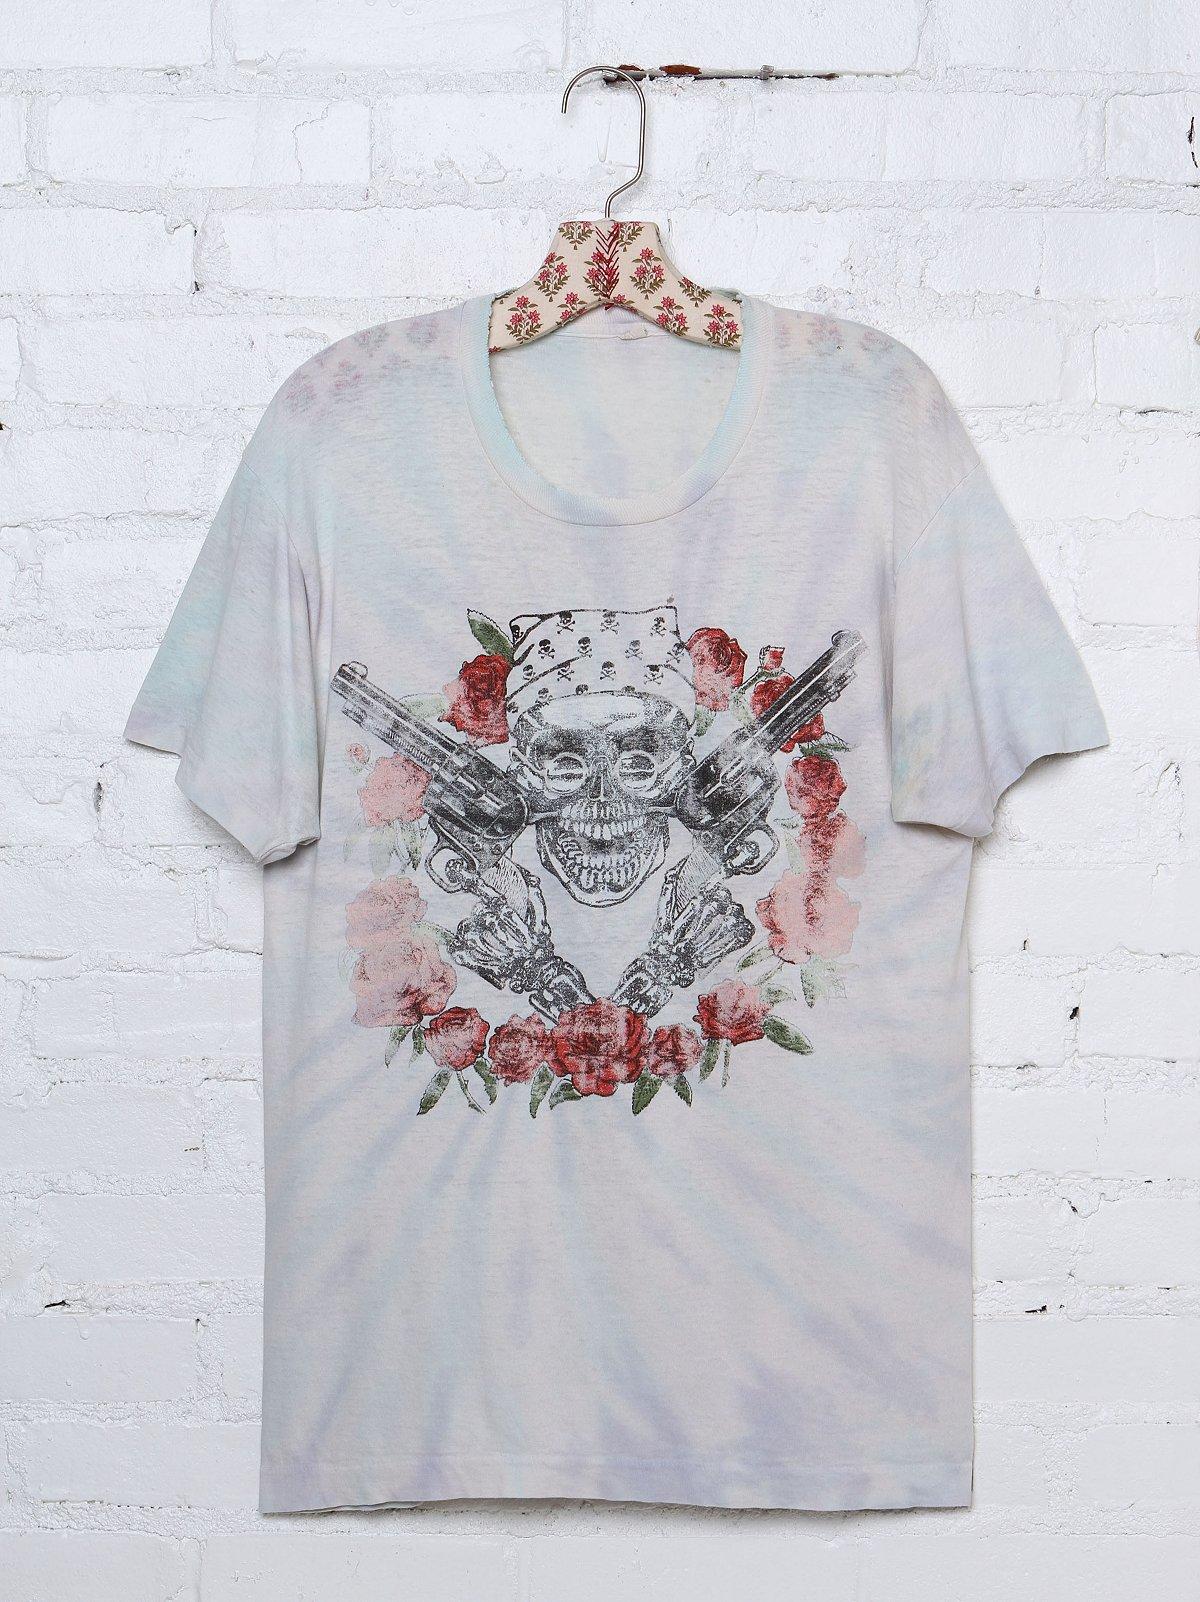 Vintage Guns N' Roses Tie Dye Tee